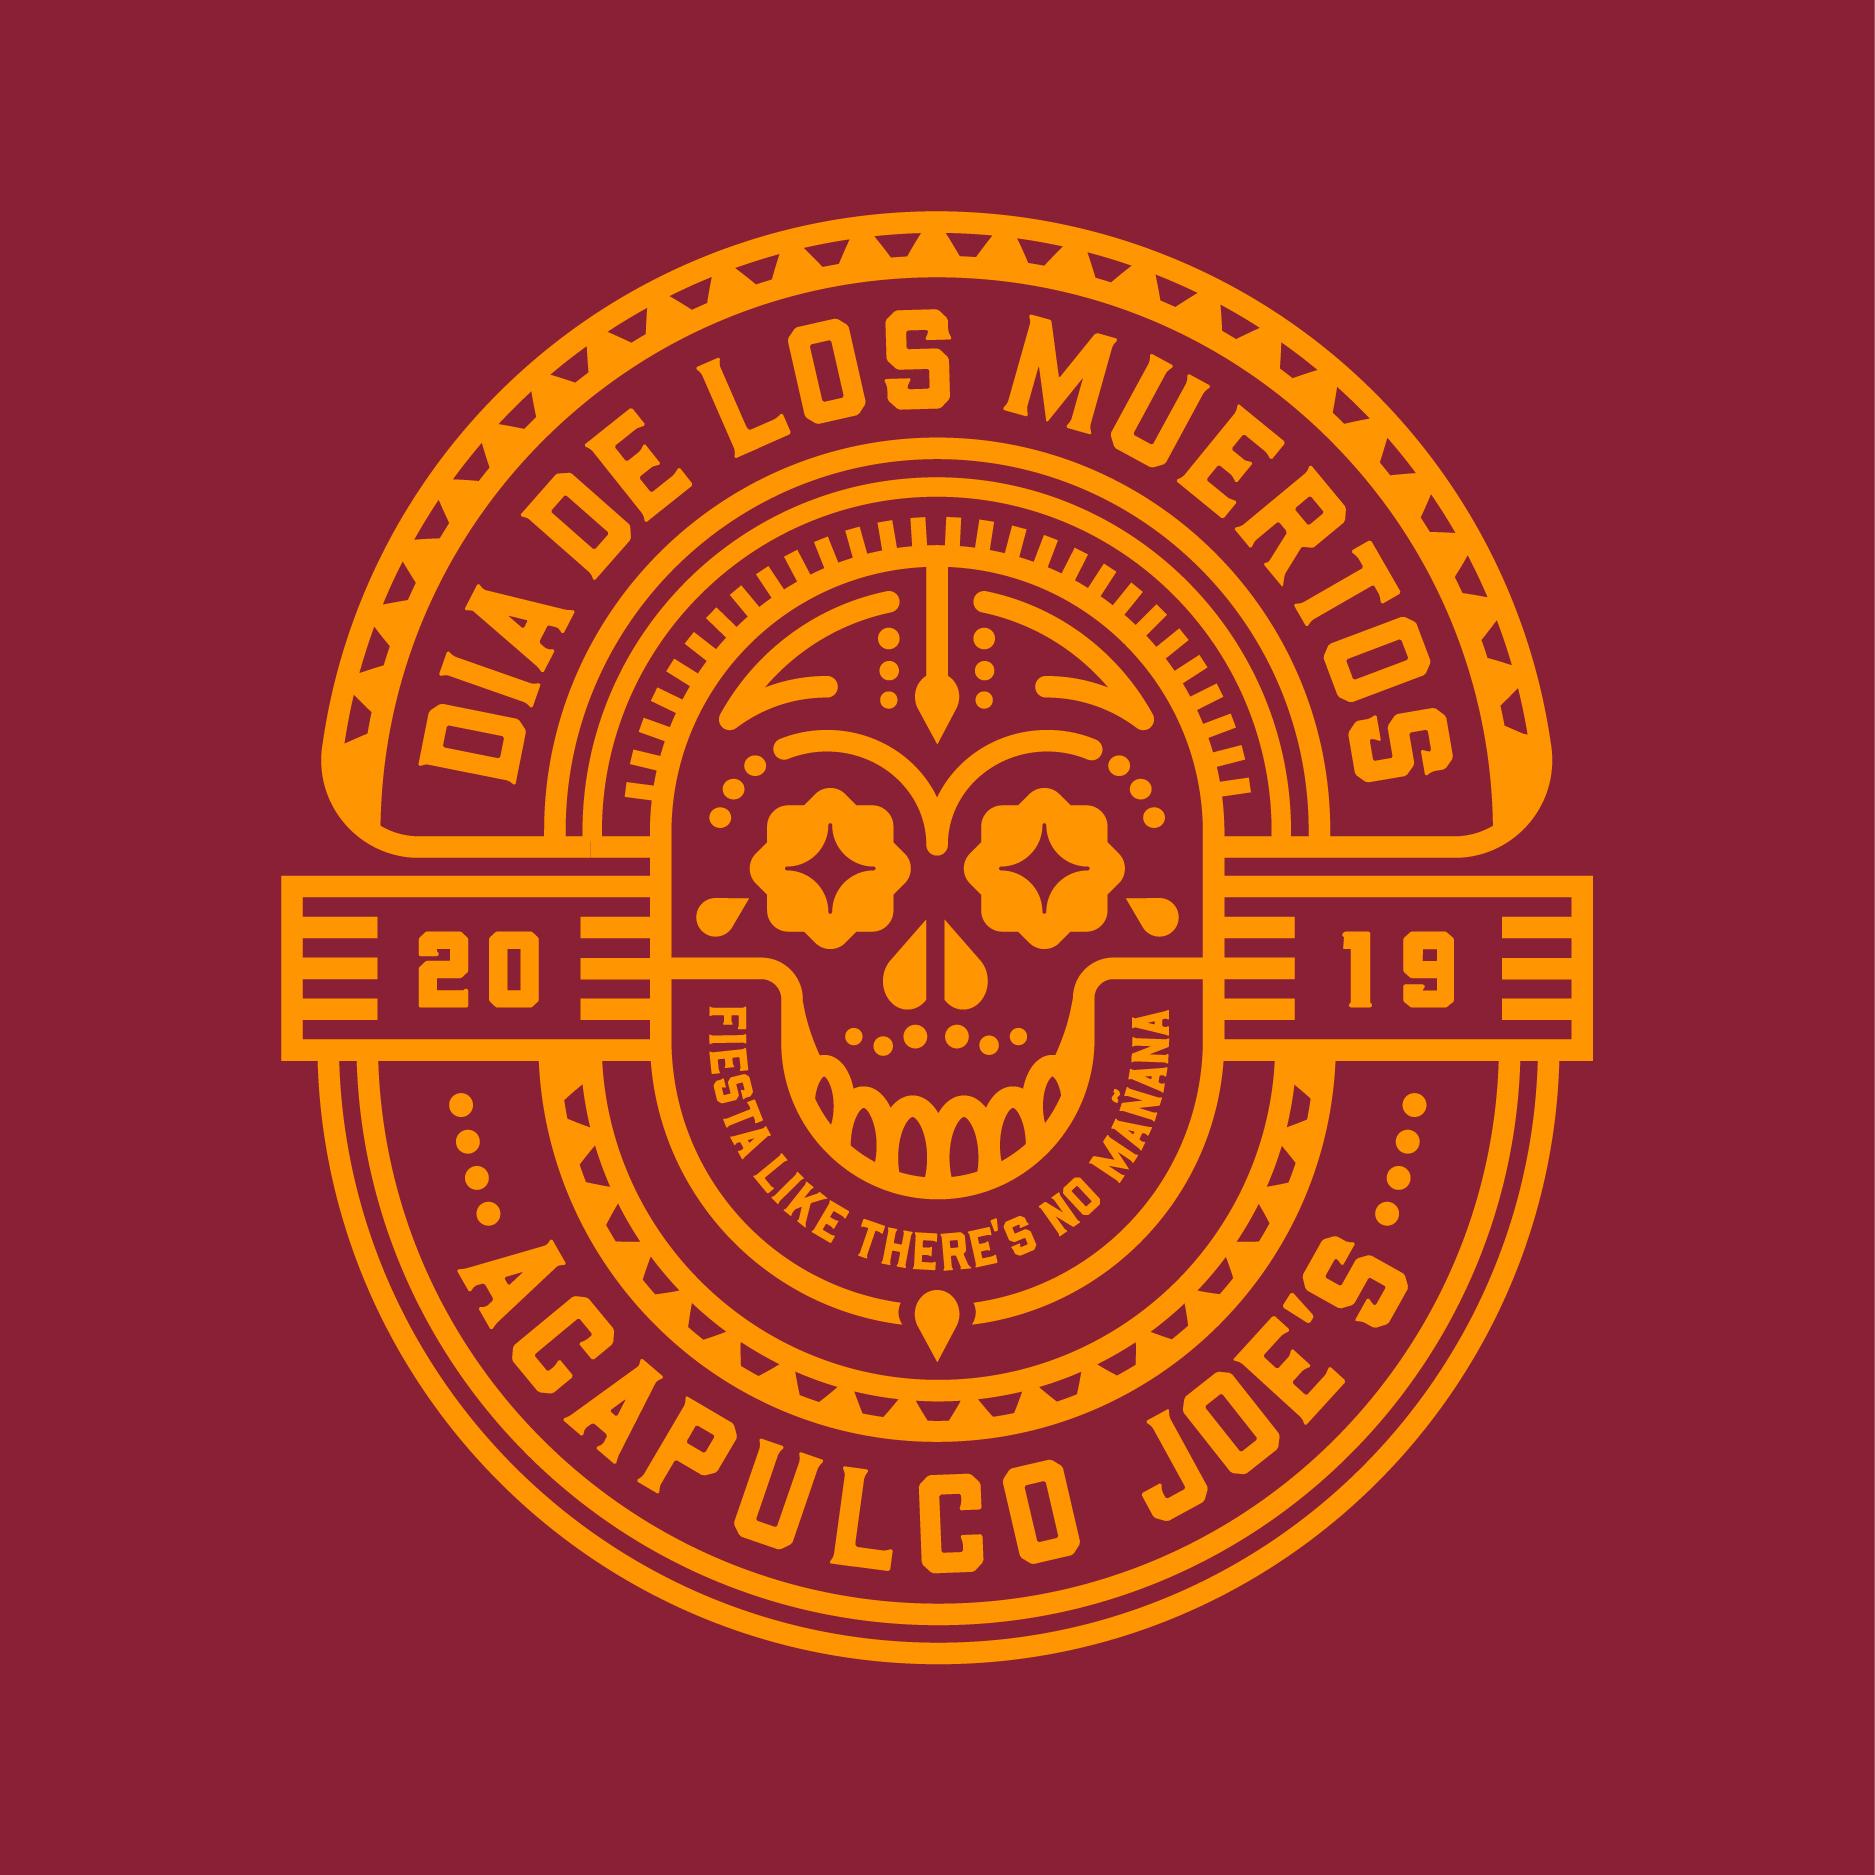 Acapulco Joes / Dia de los muertos